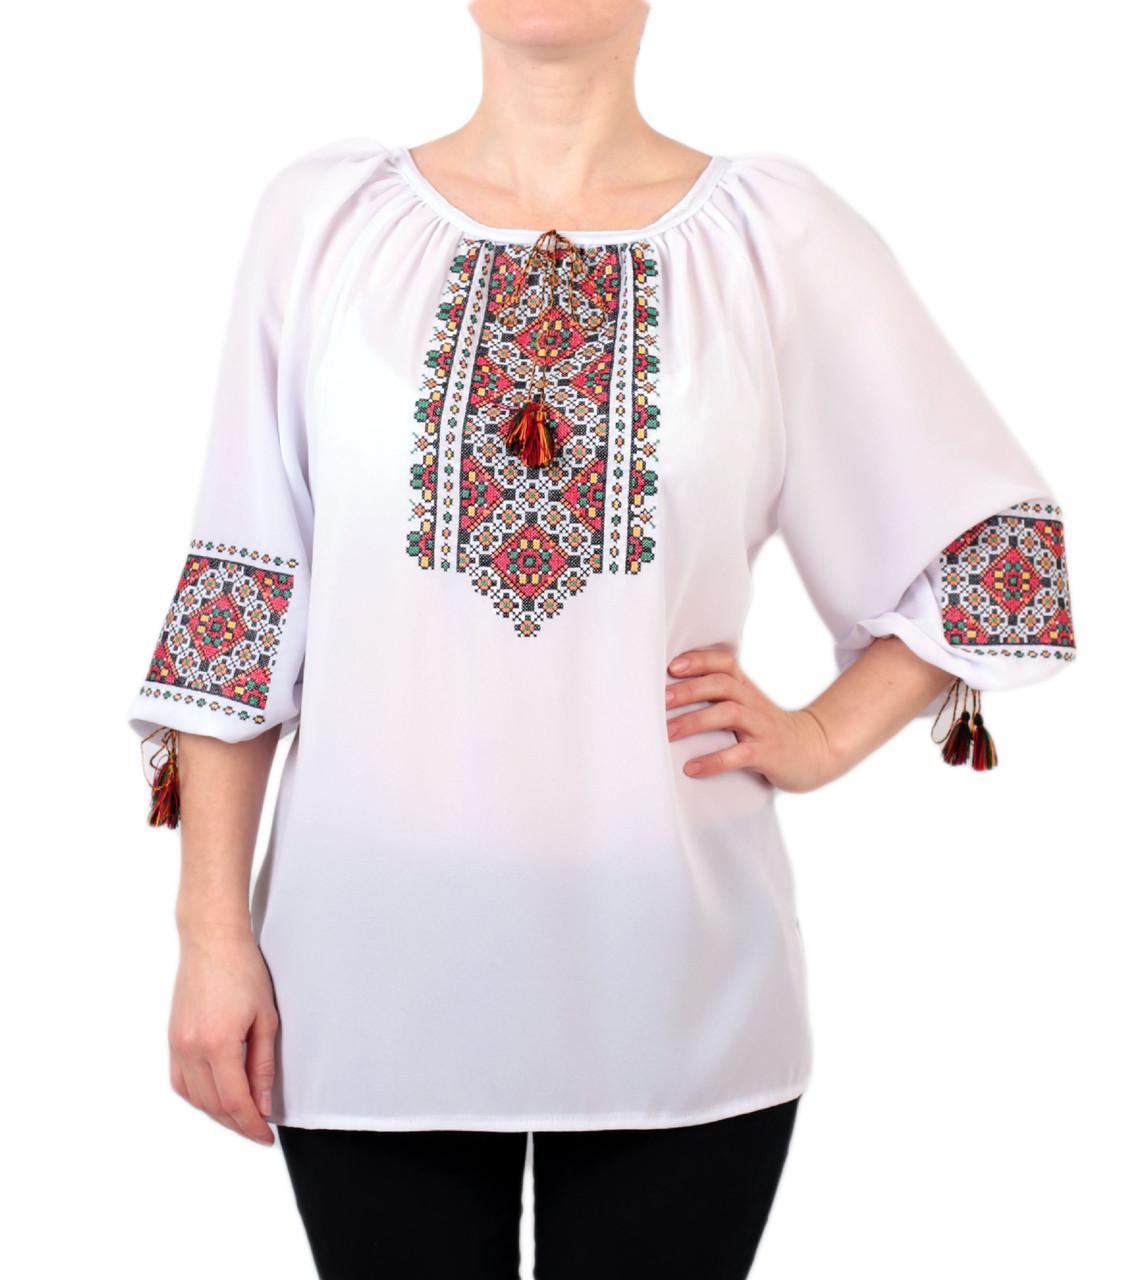 Жіноча шифонова блузка білого кольору з етнічним орнаментом недорого